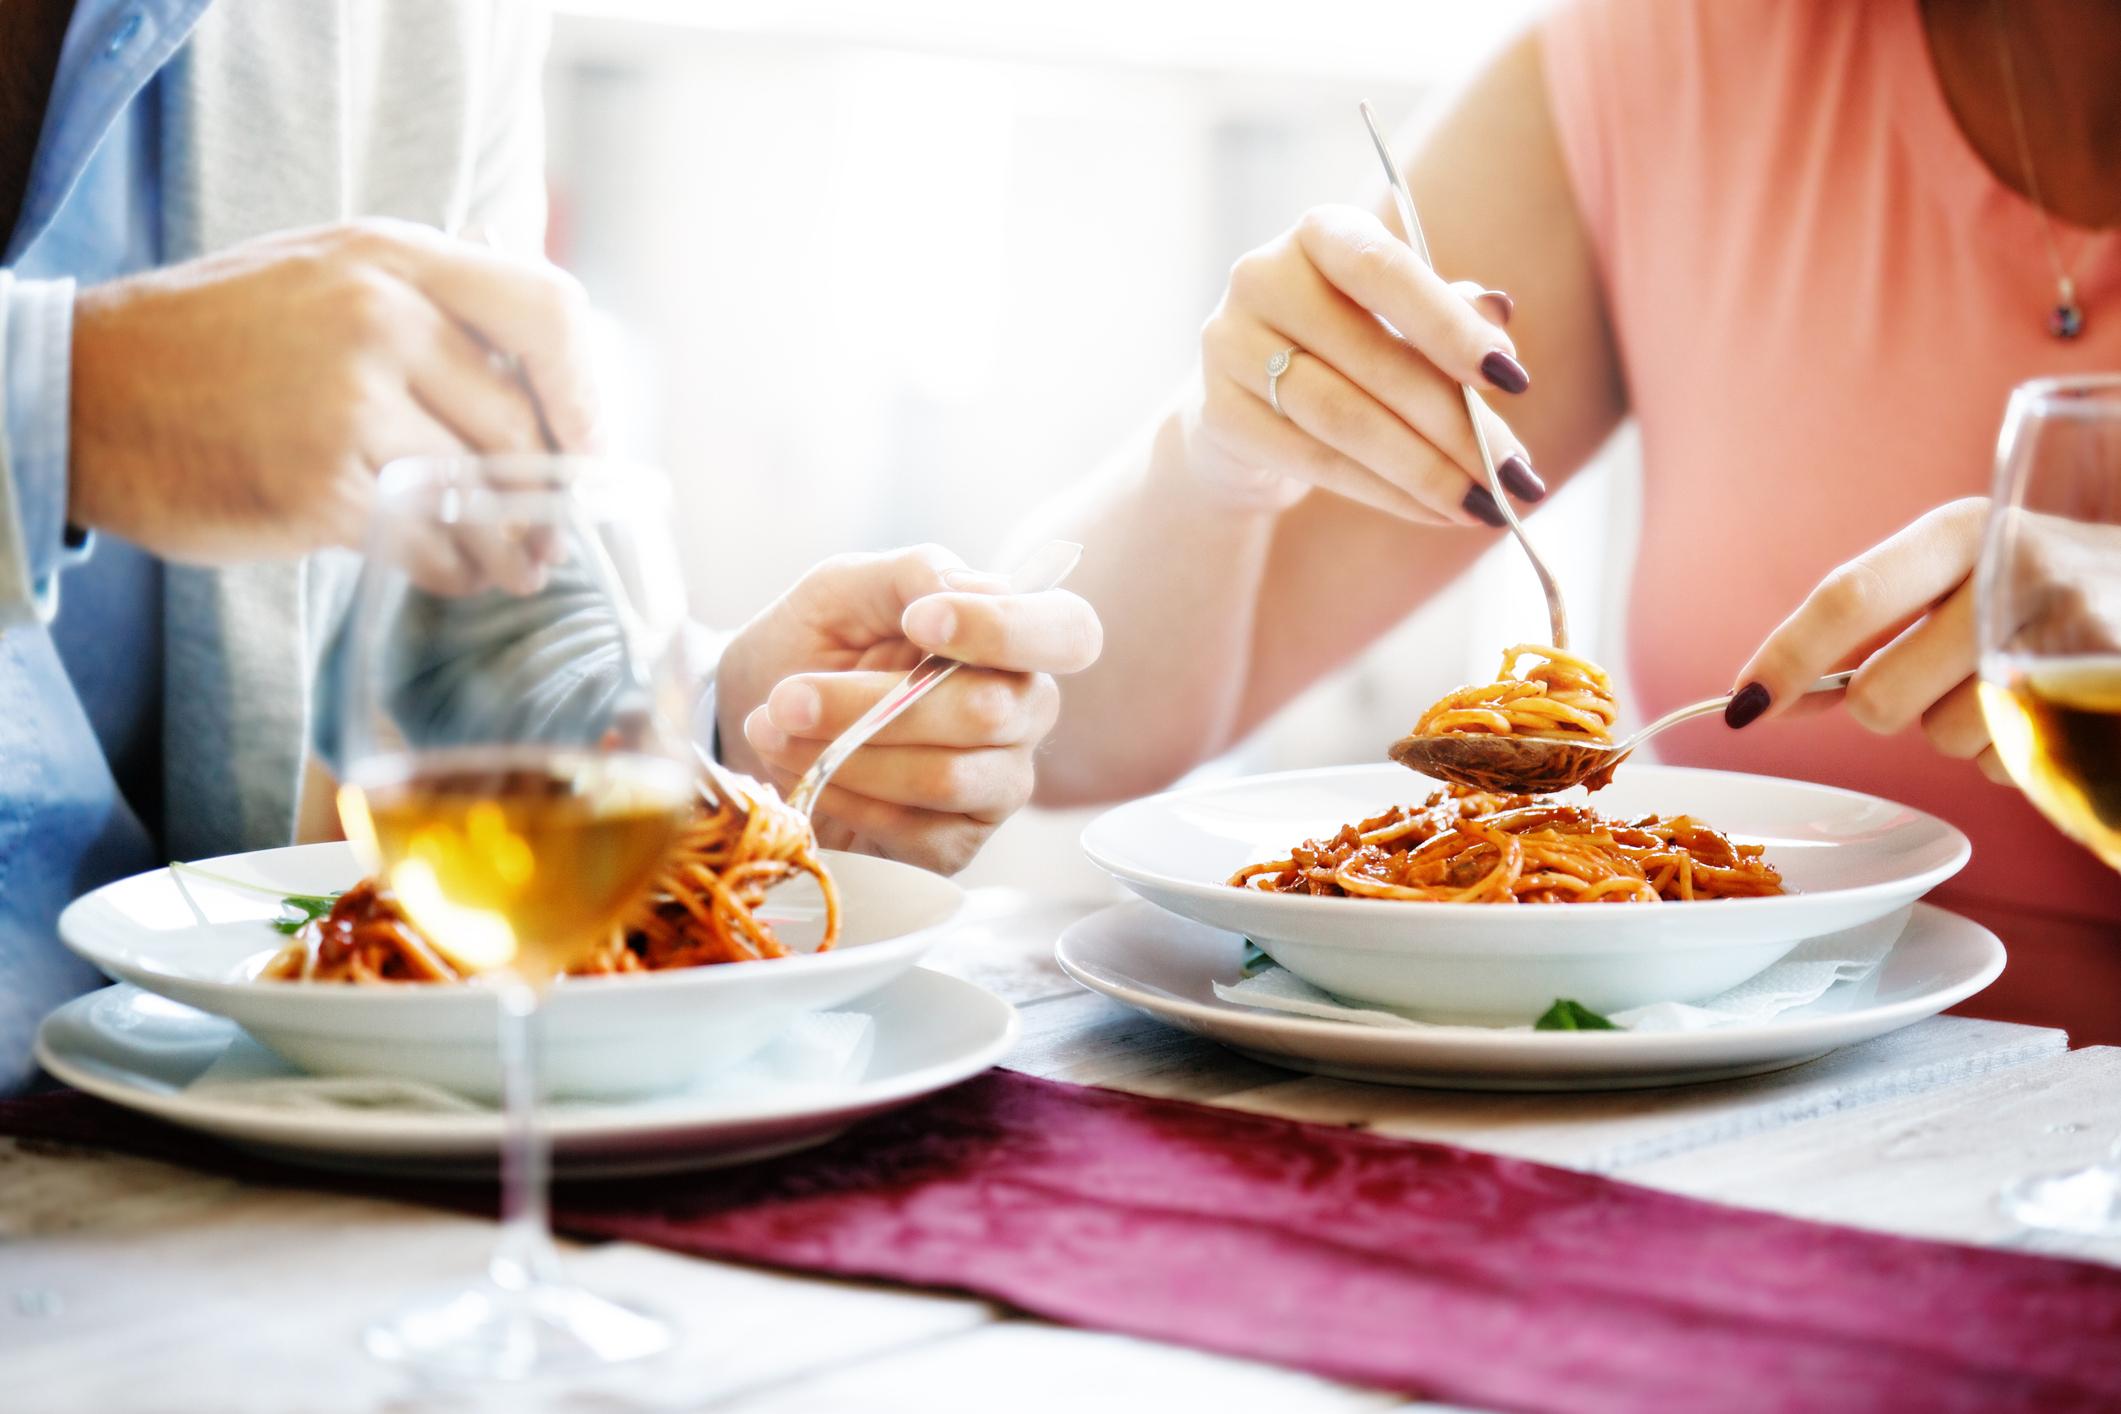 Además, se dice que sólo el 7 % de los italianos hace ejercicio, pero mantienen su figura porque comen alrededor de las 12:30 del medio día